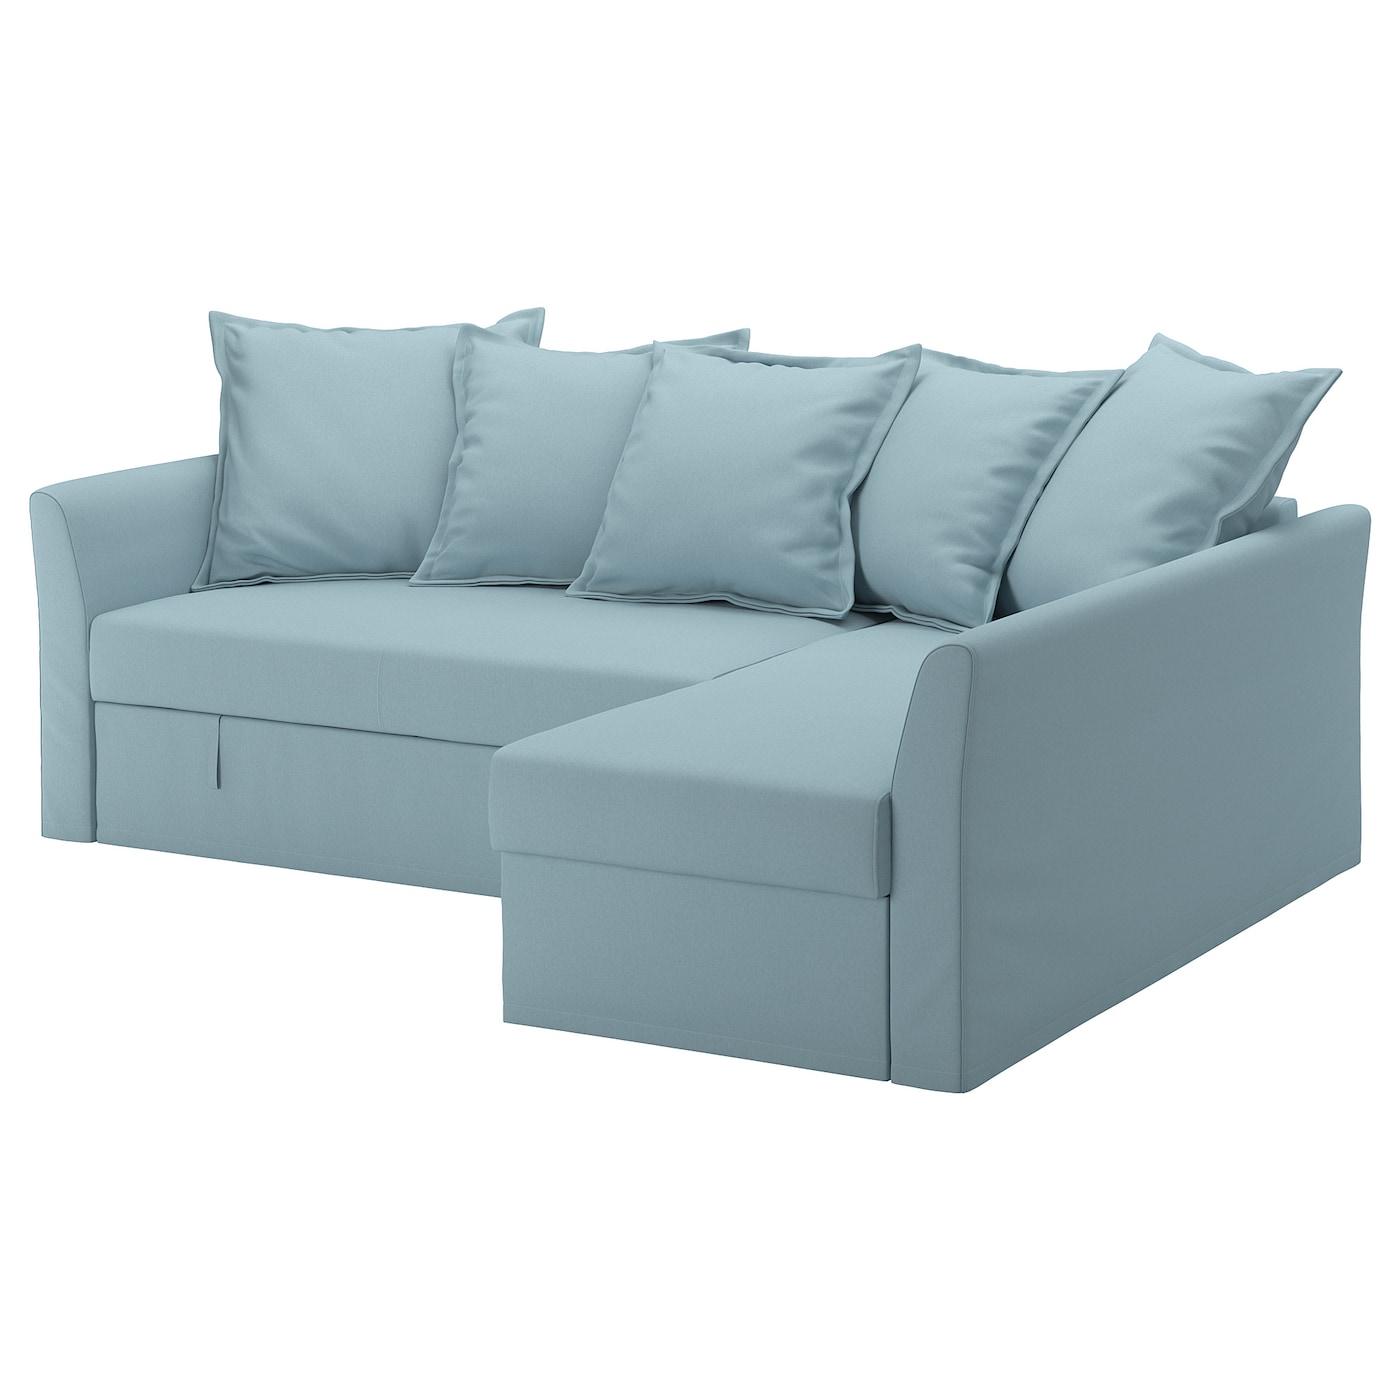 Fauteuils Canapés Convertibles Confortable Pas Cher Ikea